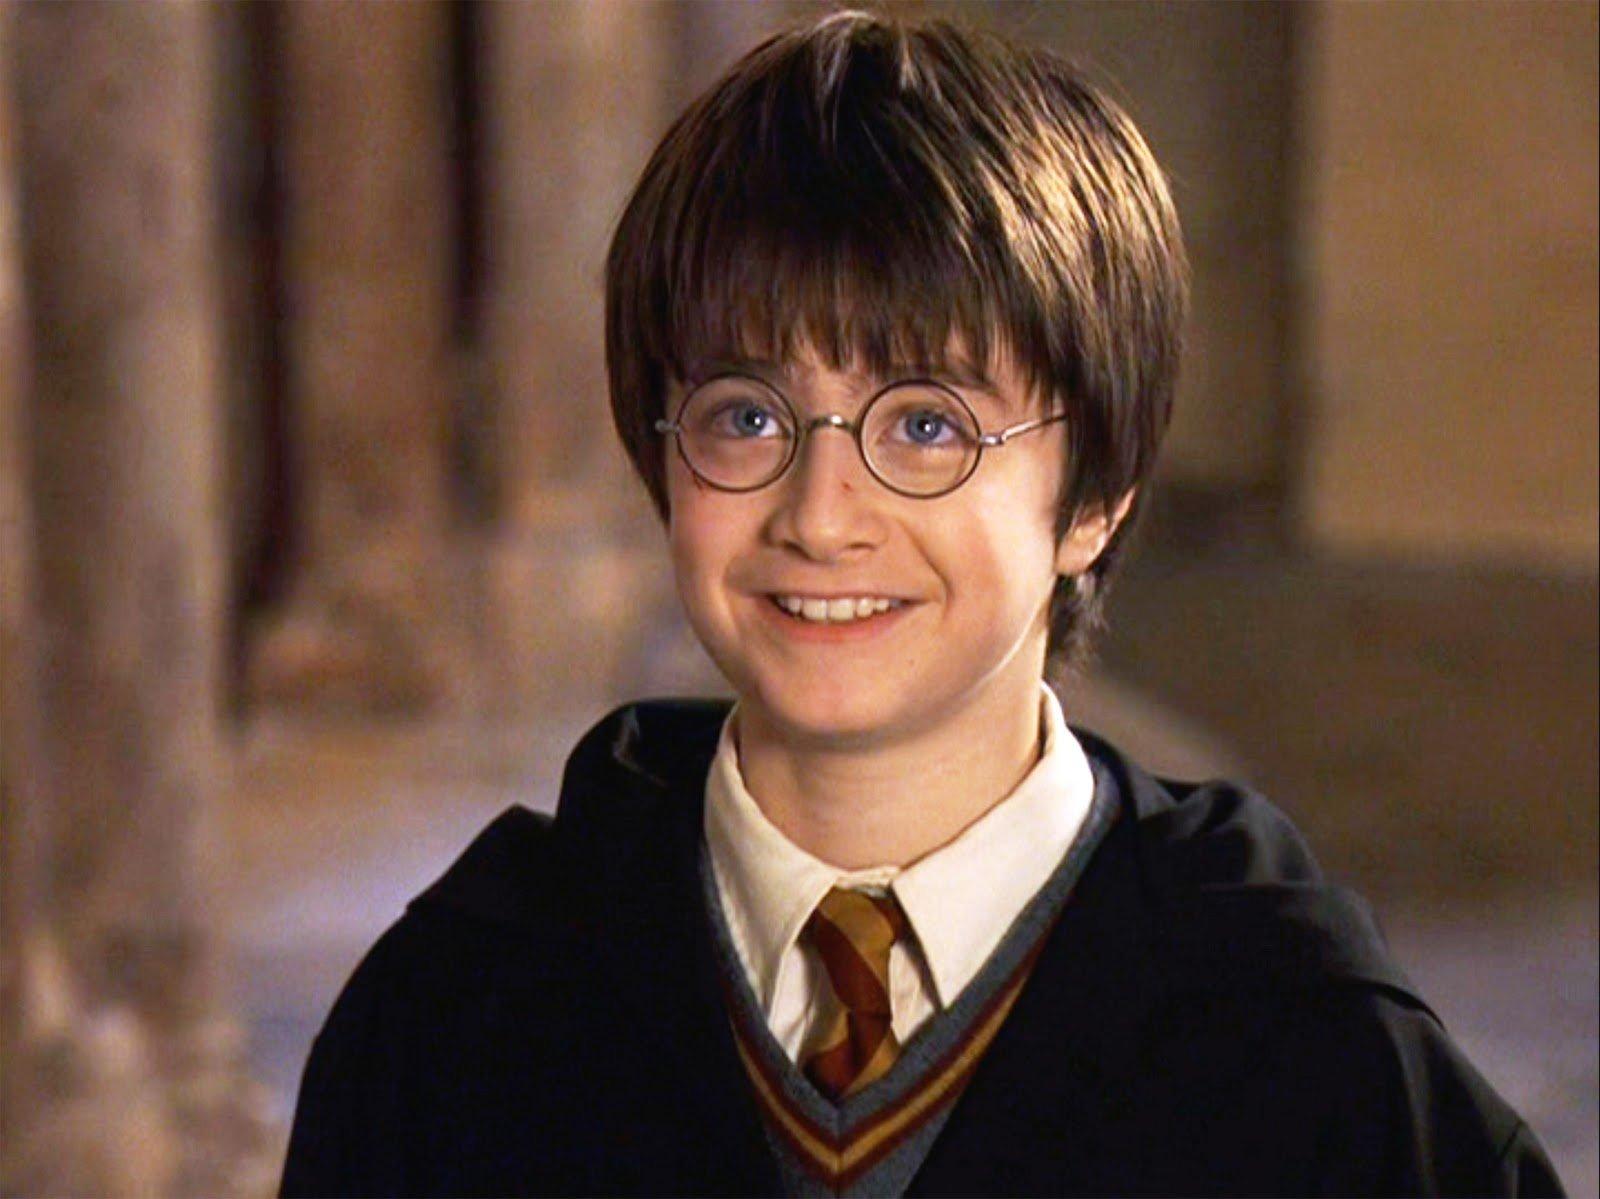 20 лет магии: Гарри Поттер и Фродо Бэггинс снялись вместе для глянца